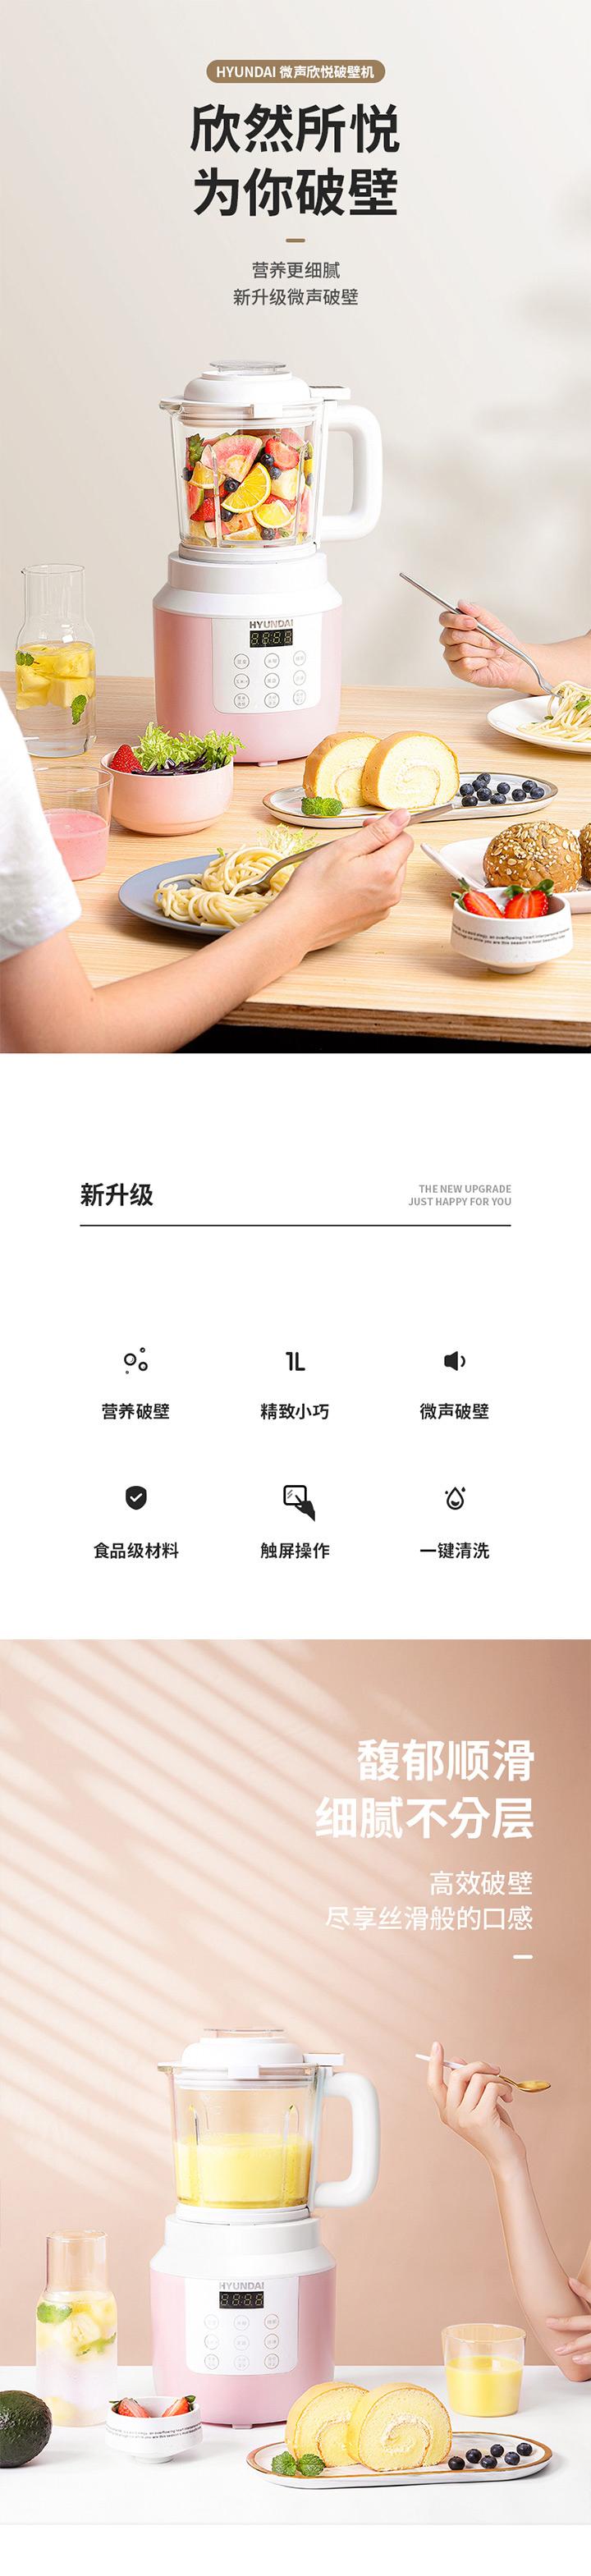 韩国现代全自动破壁料理机免费试用,评测